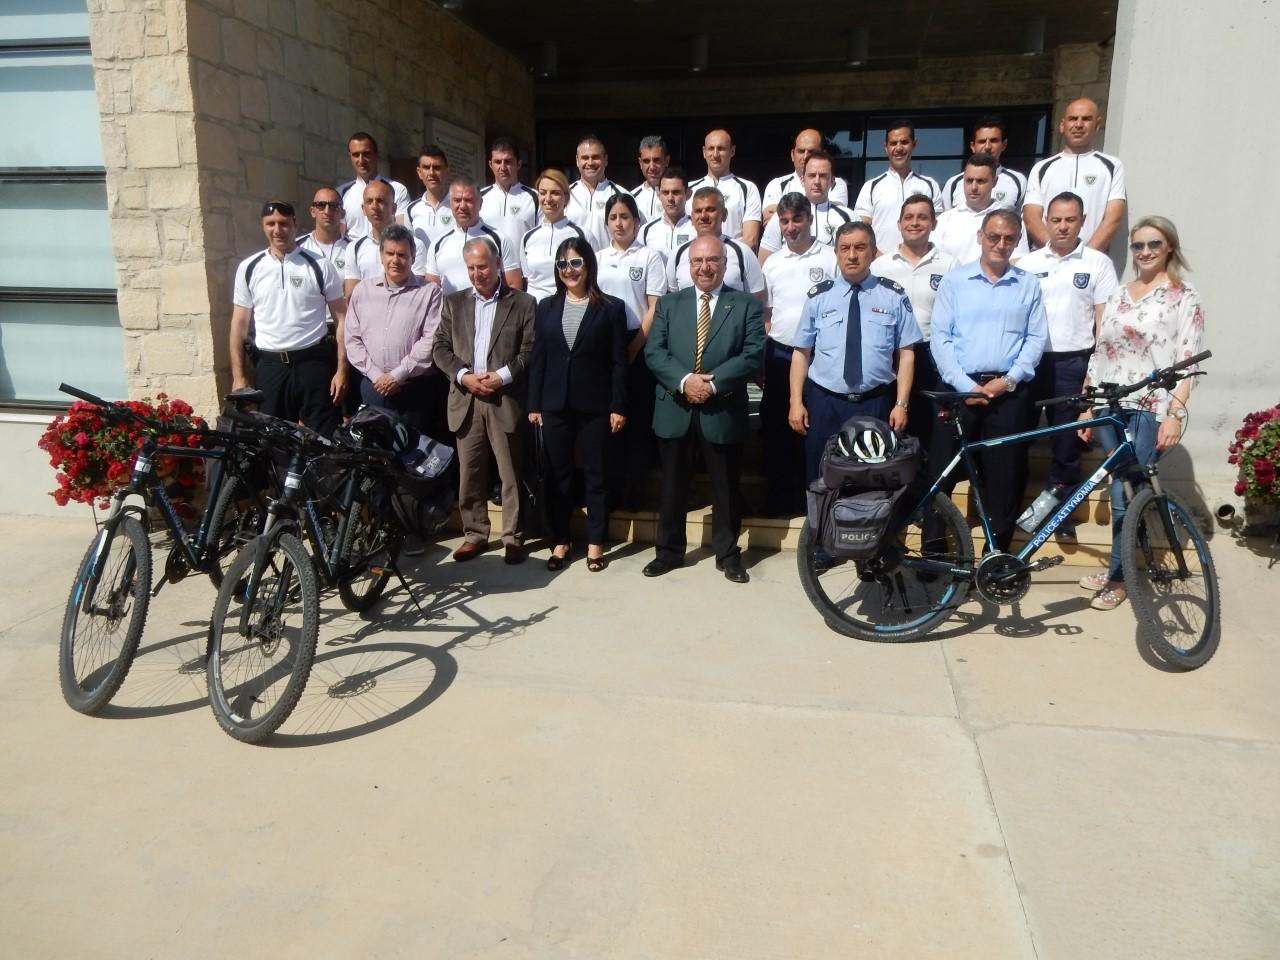 Διοργανώθηκε στο Ζύγι το πρώτο ειδικό σεμινάριο για Ποδηλάτες –Αστυνομικούς